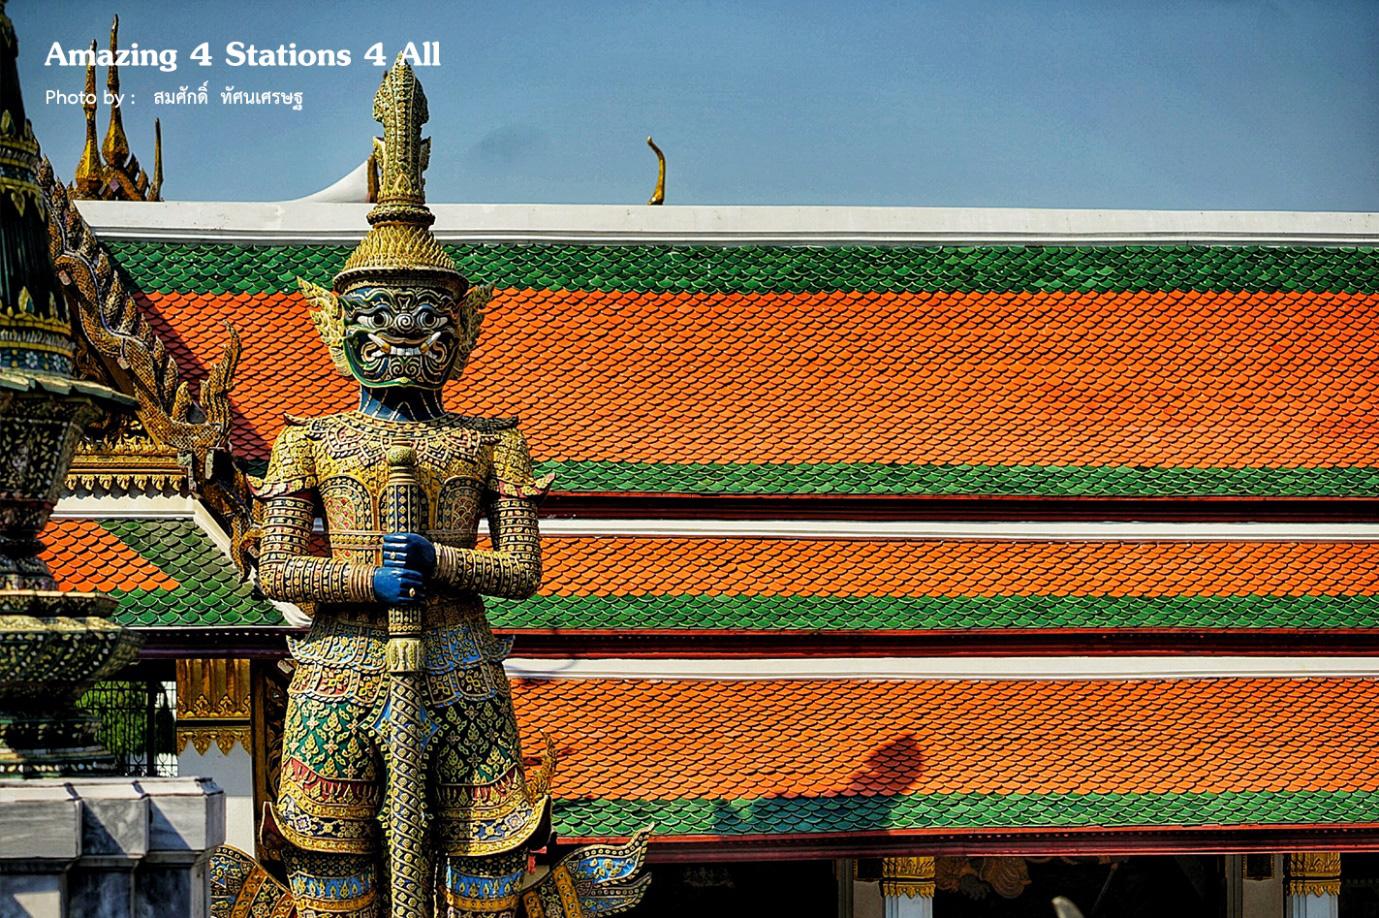 Chờ ngày hết dịch, mình hẹn gặp nhau tại 5 ga tàu đi khắp Bangkok này bạn nhé! - Ảnh 12.